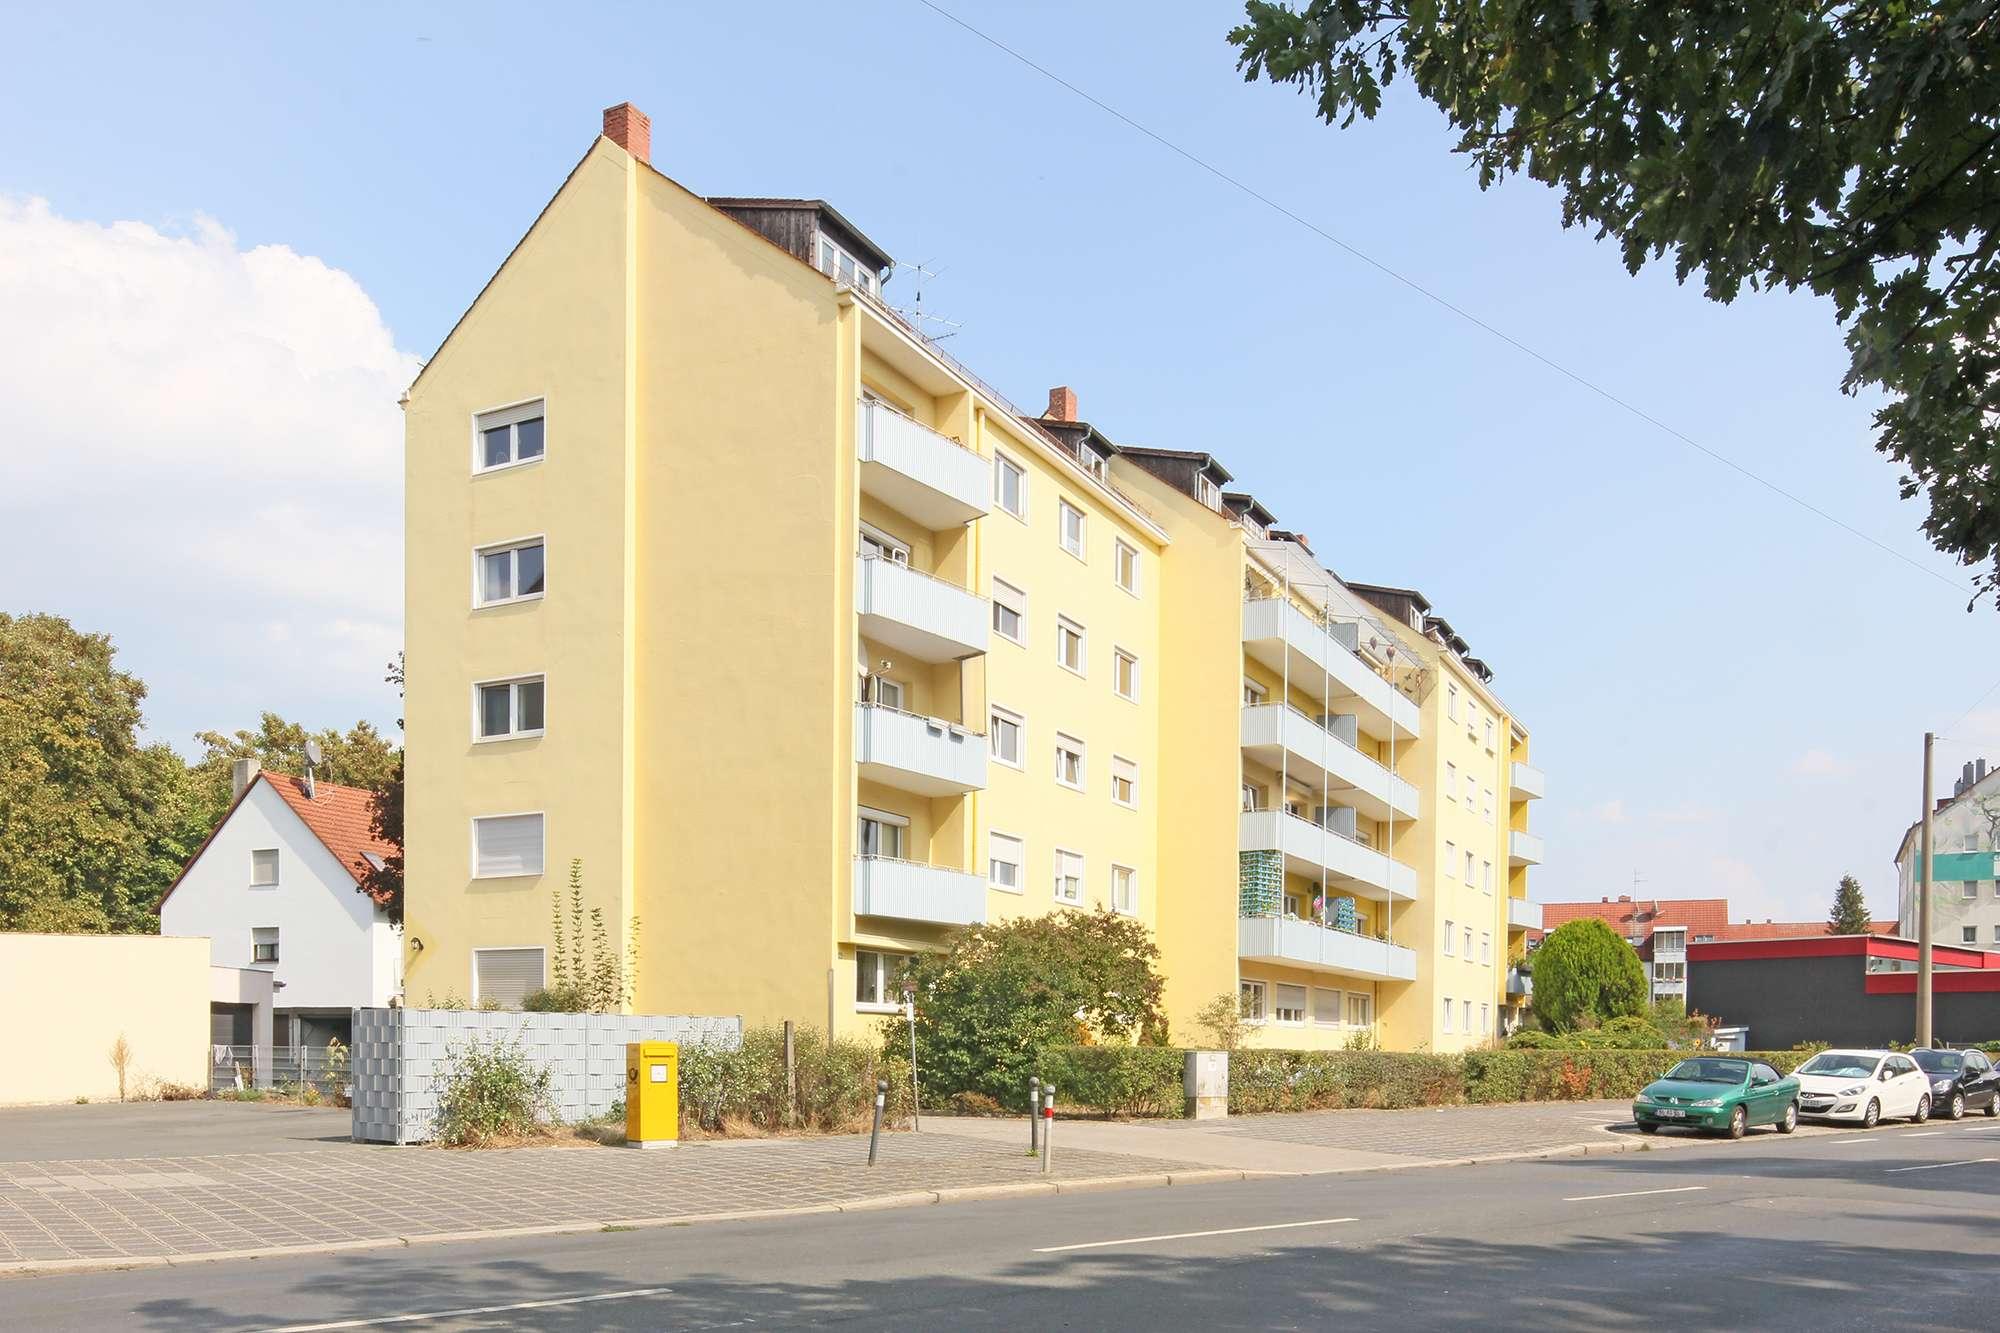 Großzügige 4-Zimmer-Stadtwohnung in St. Johannis mit zwei Balkonen & Blick ins Grüne!